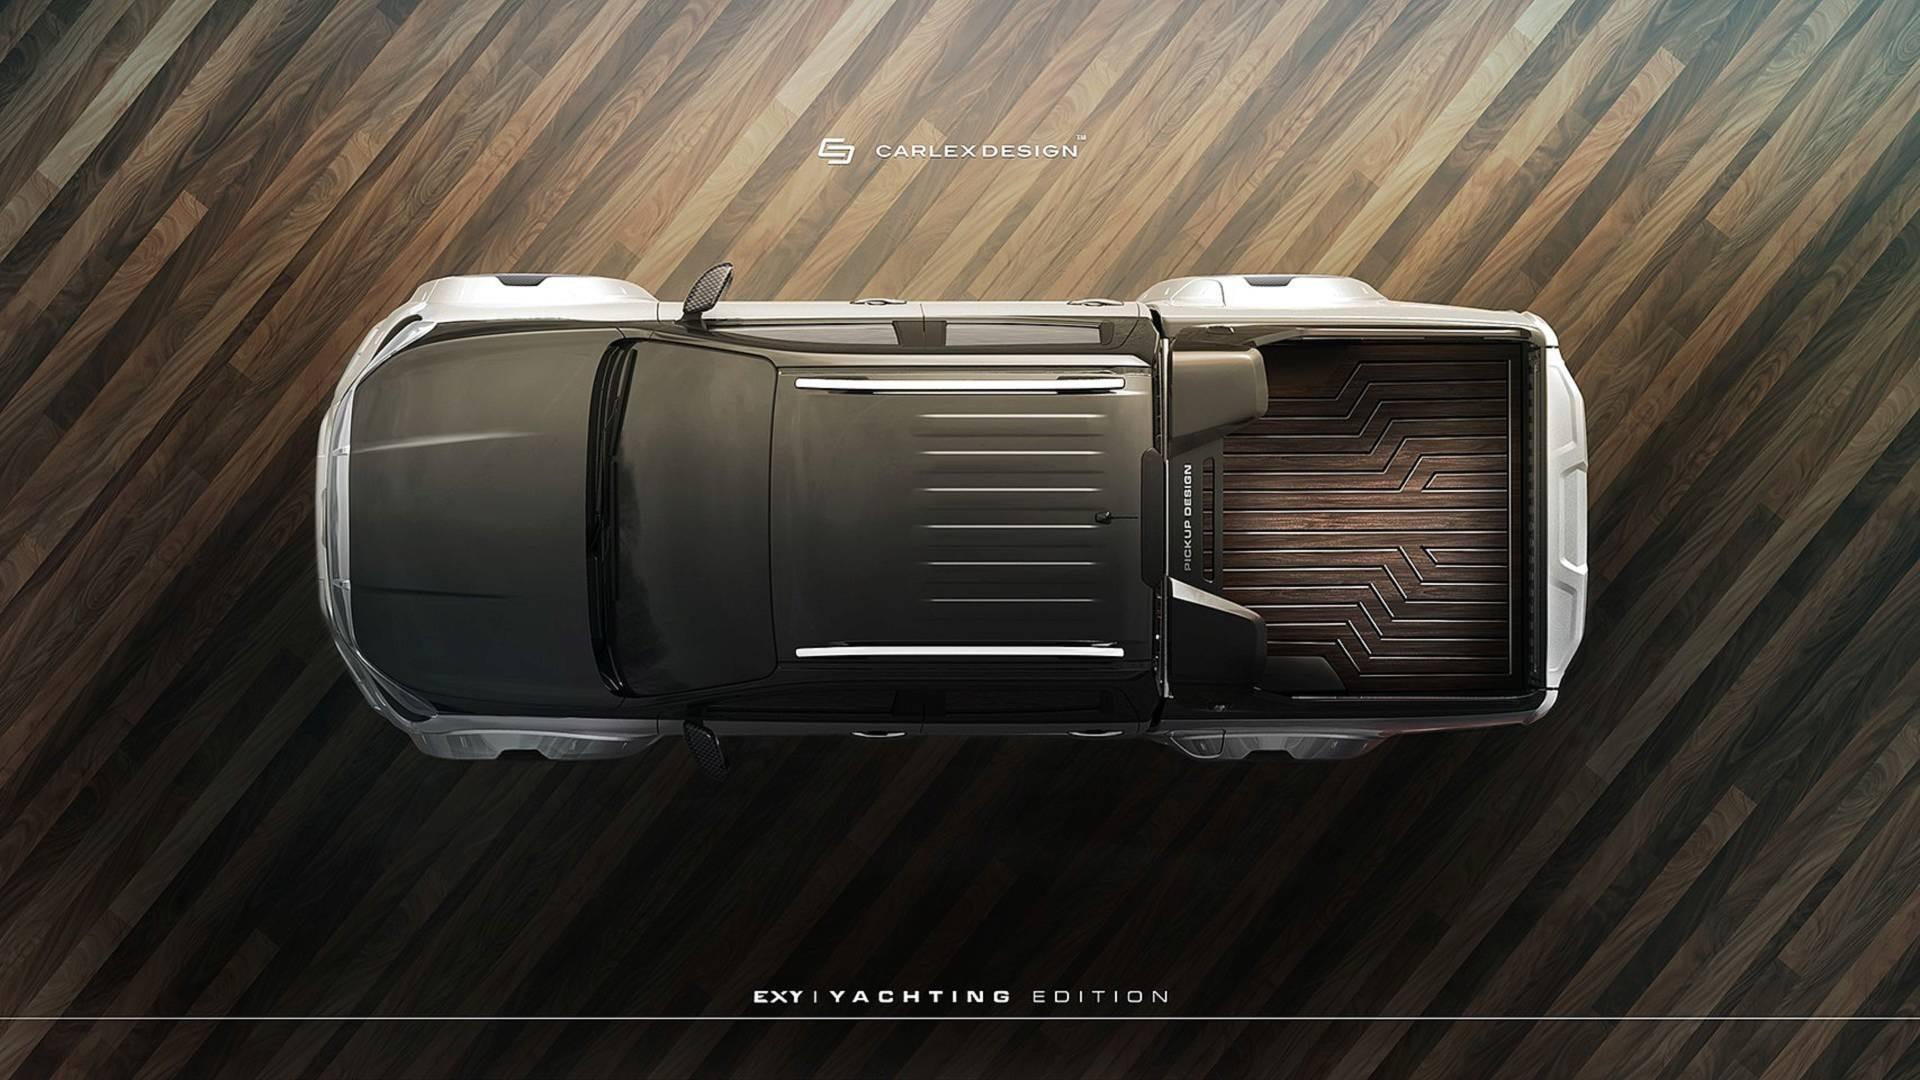 mercedes-x-class-carlex-design-9